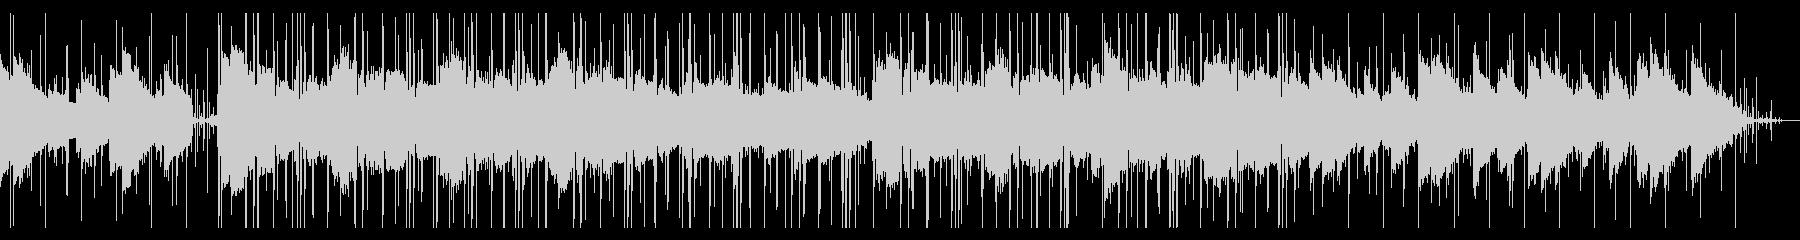 幻想的なエレピのチル・ヒップホップの未再生の波形